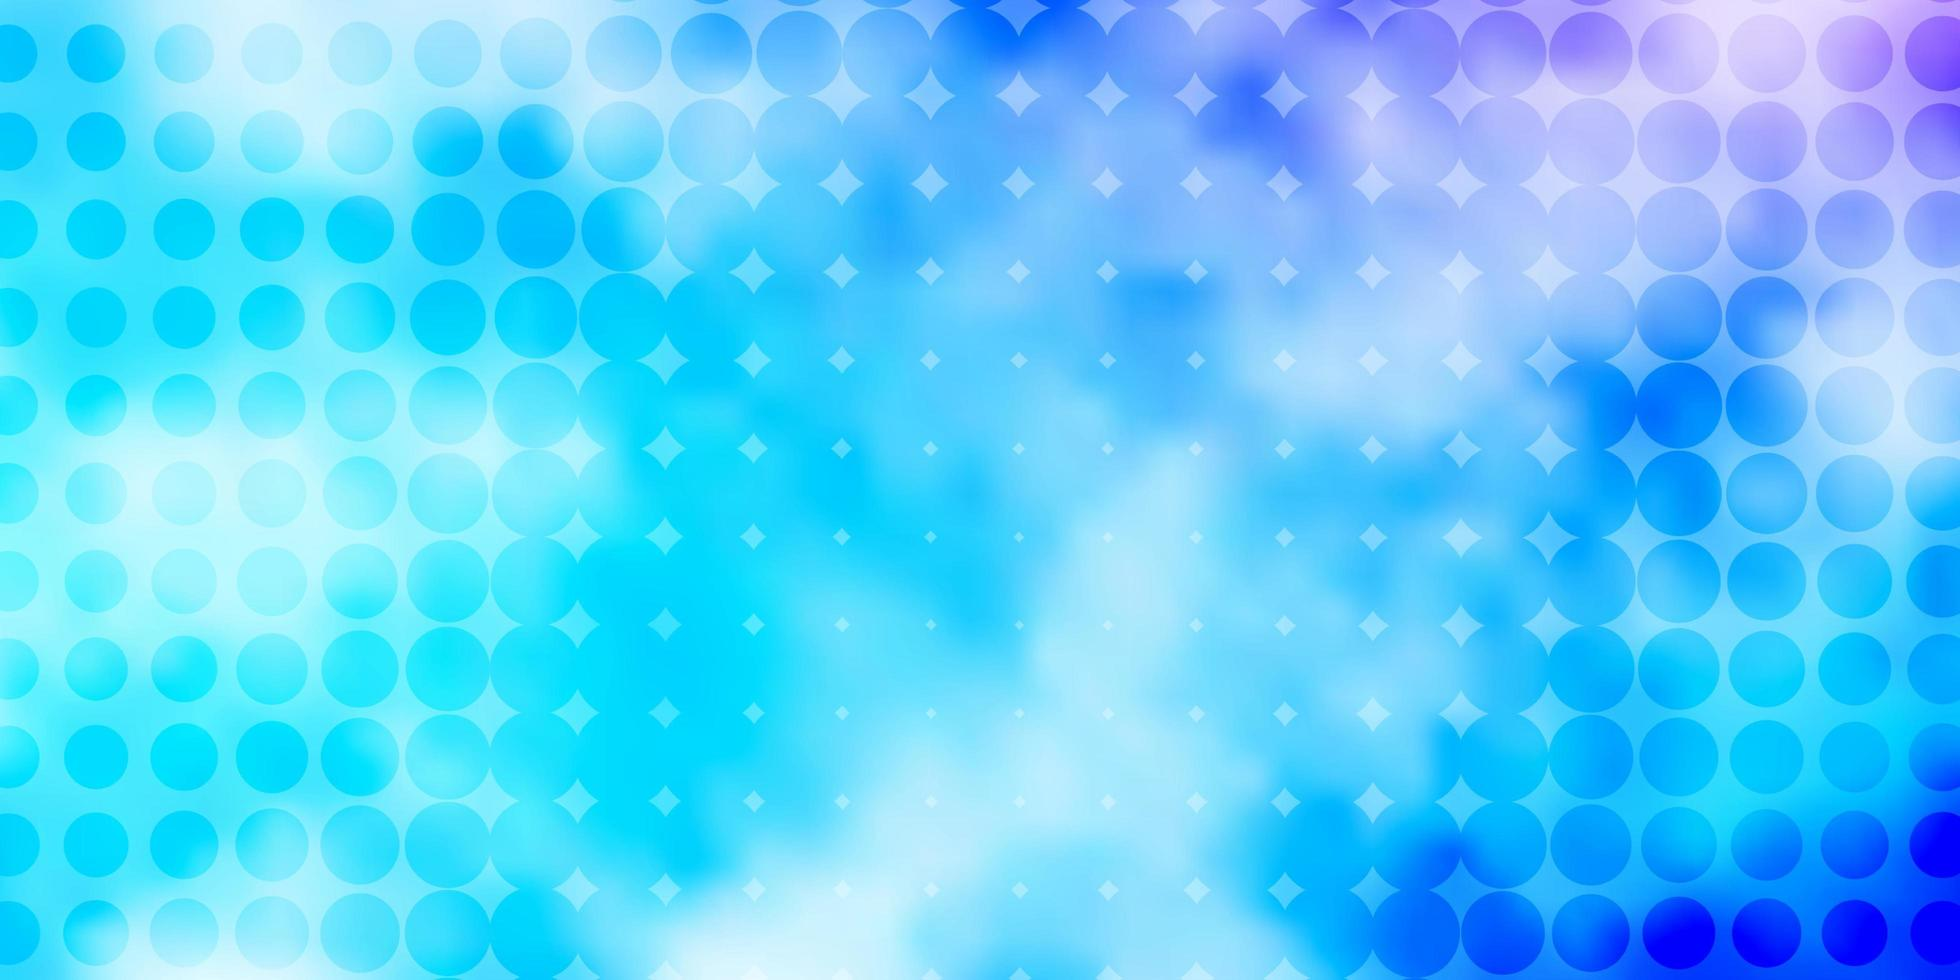 ljusrosa, blå vektormönster med sfärer. vektor